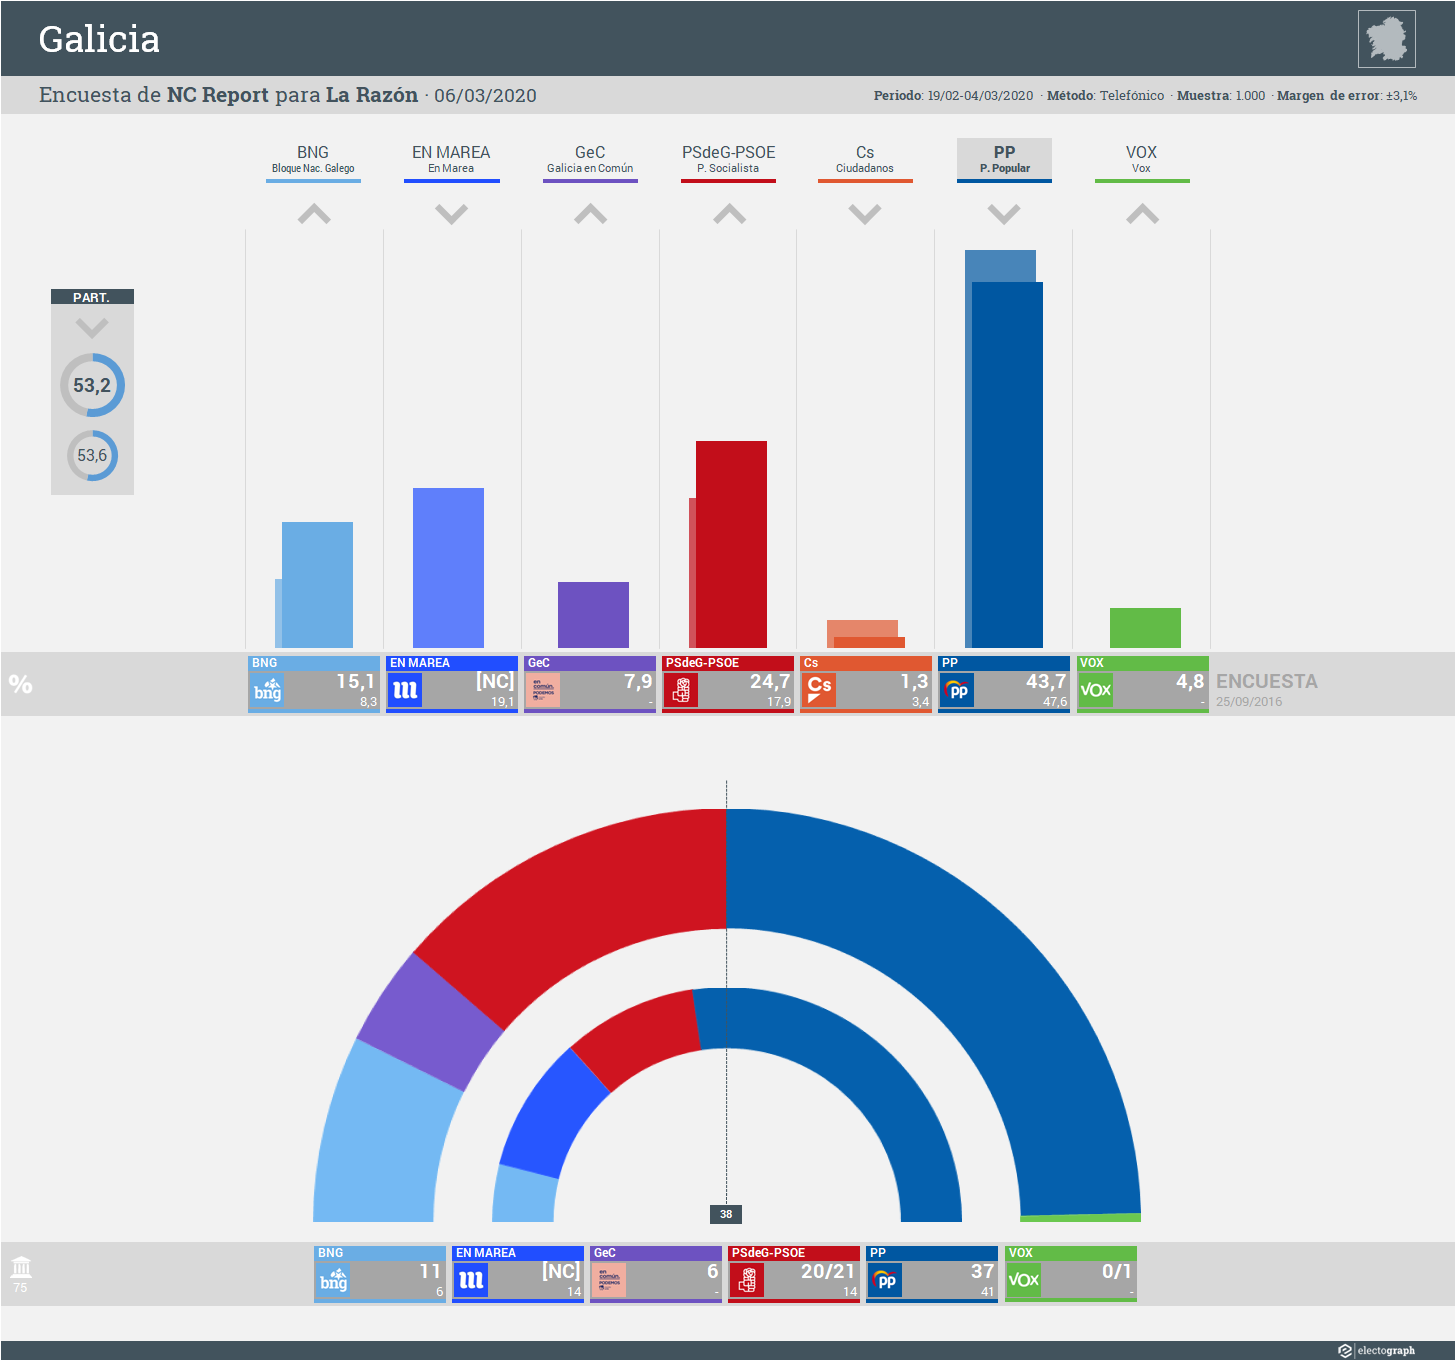 Gráfico de la encuesta para elecciones autonómicas en Galicia realizada por NC Report para La Razón, 6 de marzo de 2020